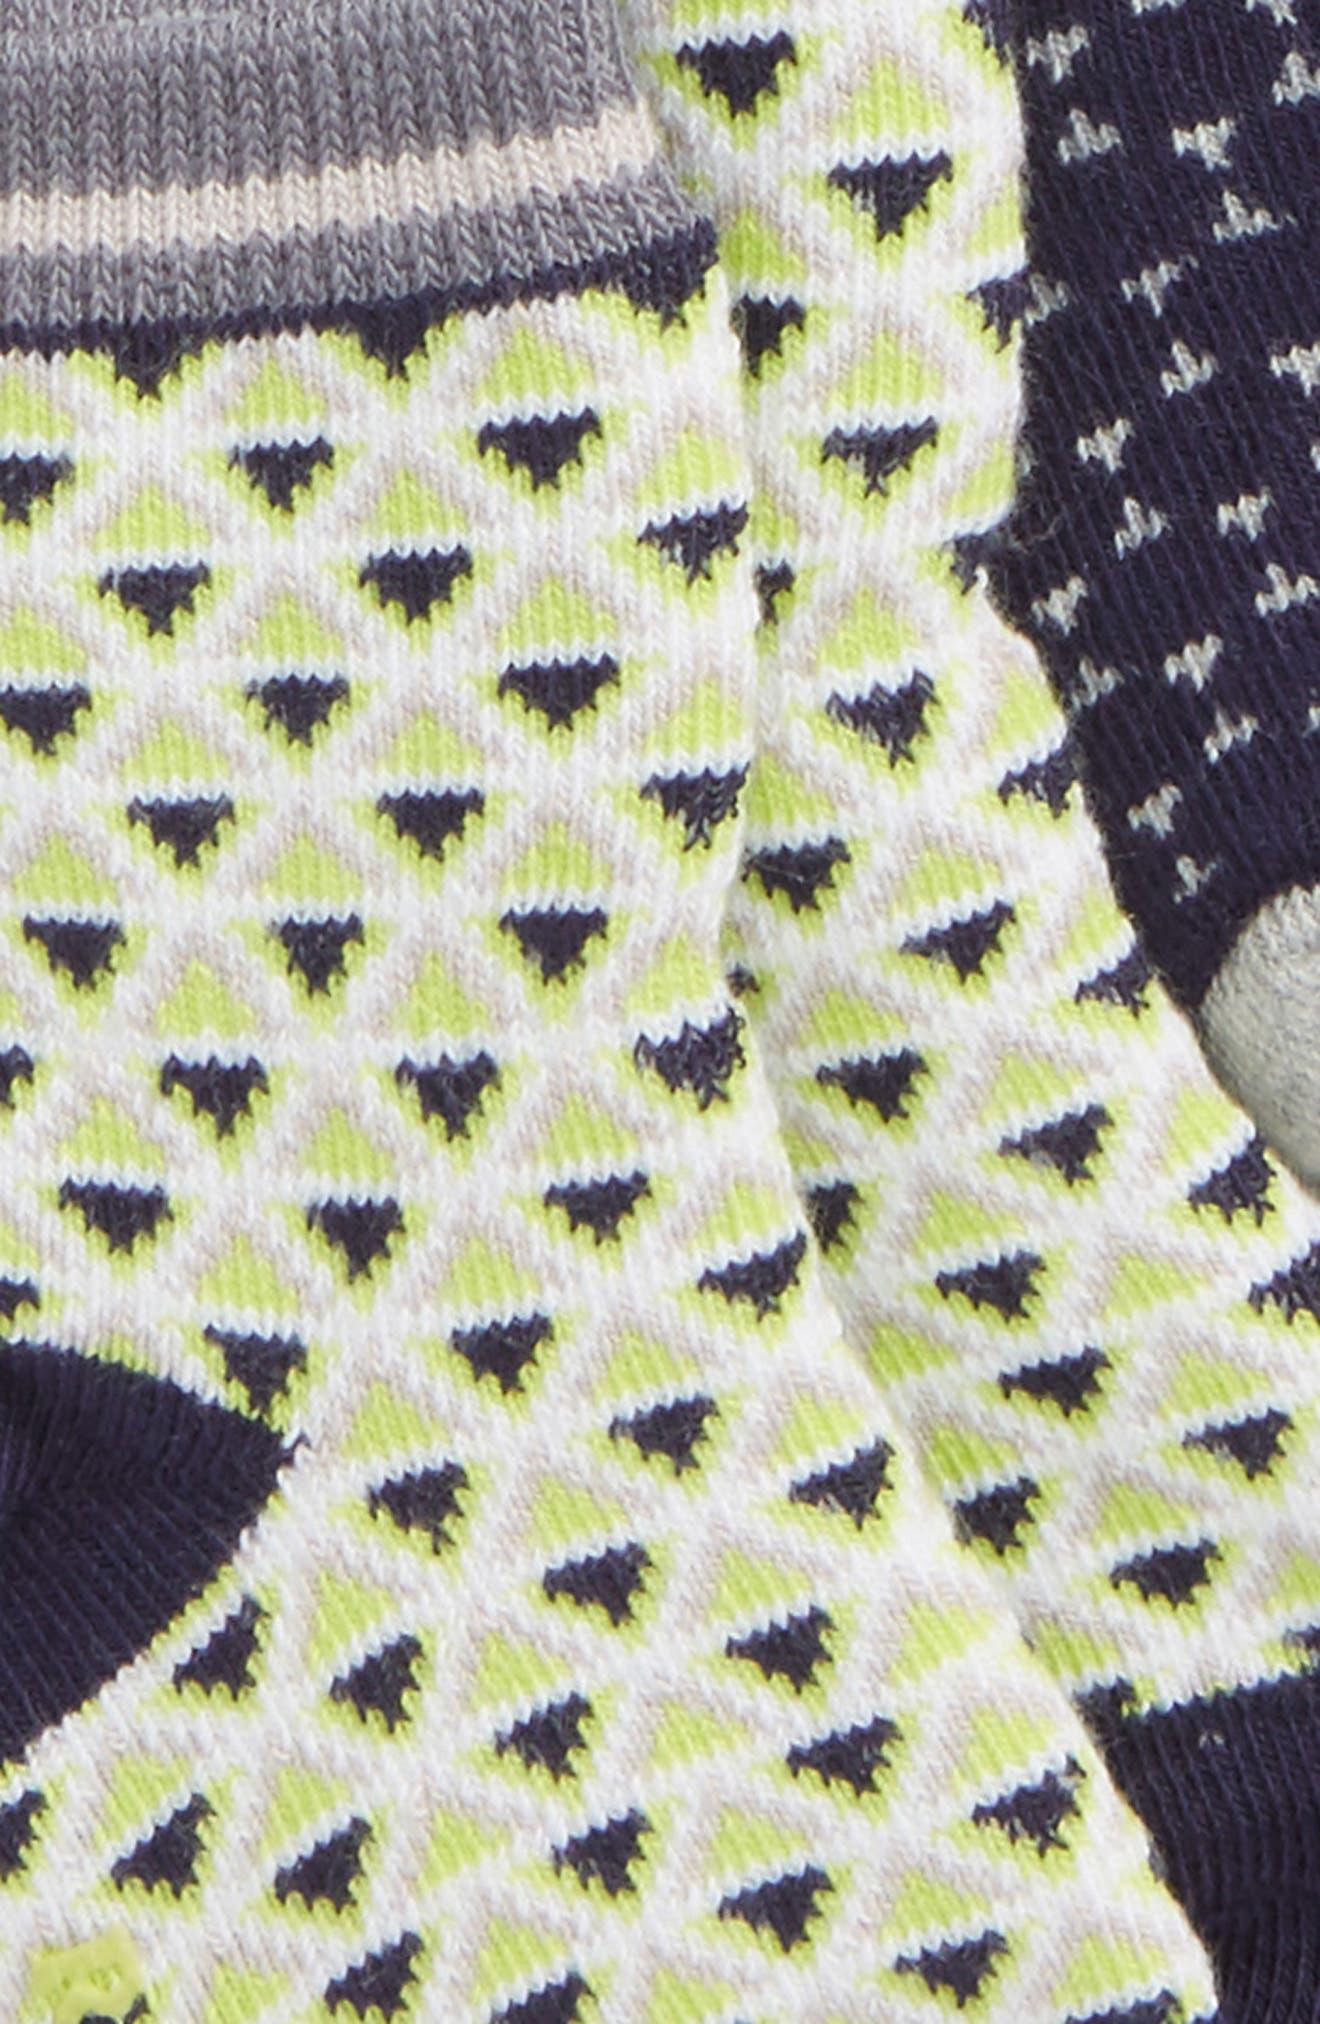 Geo 3-Pack Socks,                             Alternate thumbnail 2, color,                             GRAY/ NAVY/ LIME